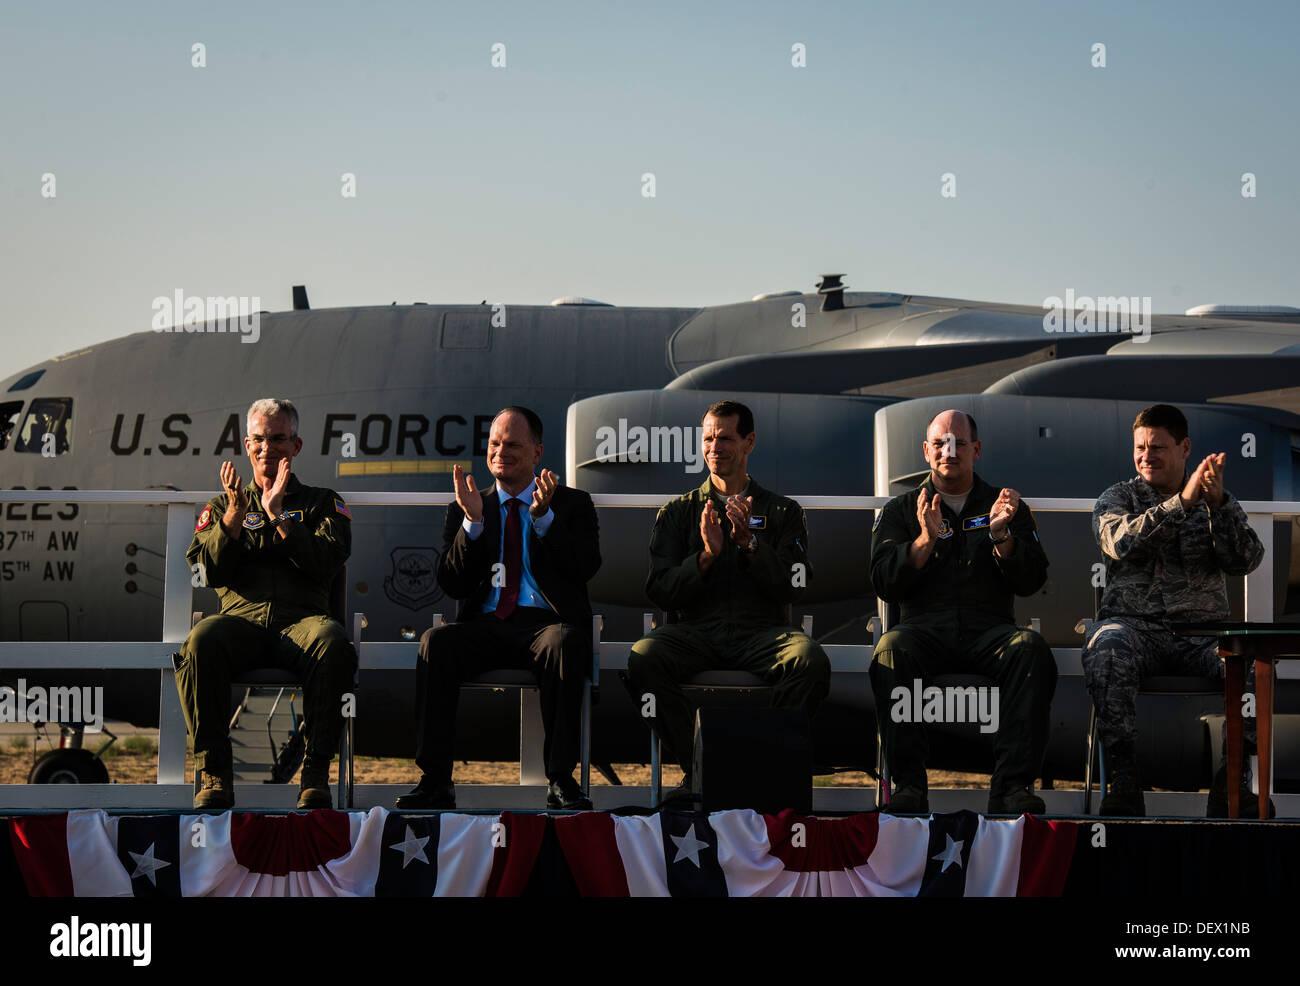 Die Staats-und Regierungschefs der US Air Force und angesehenen Gast begrüßen während einer Zeremonie von Boeing Stockfoto